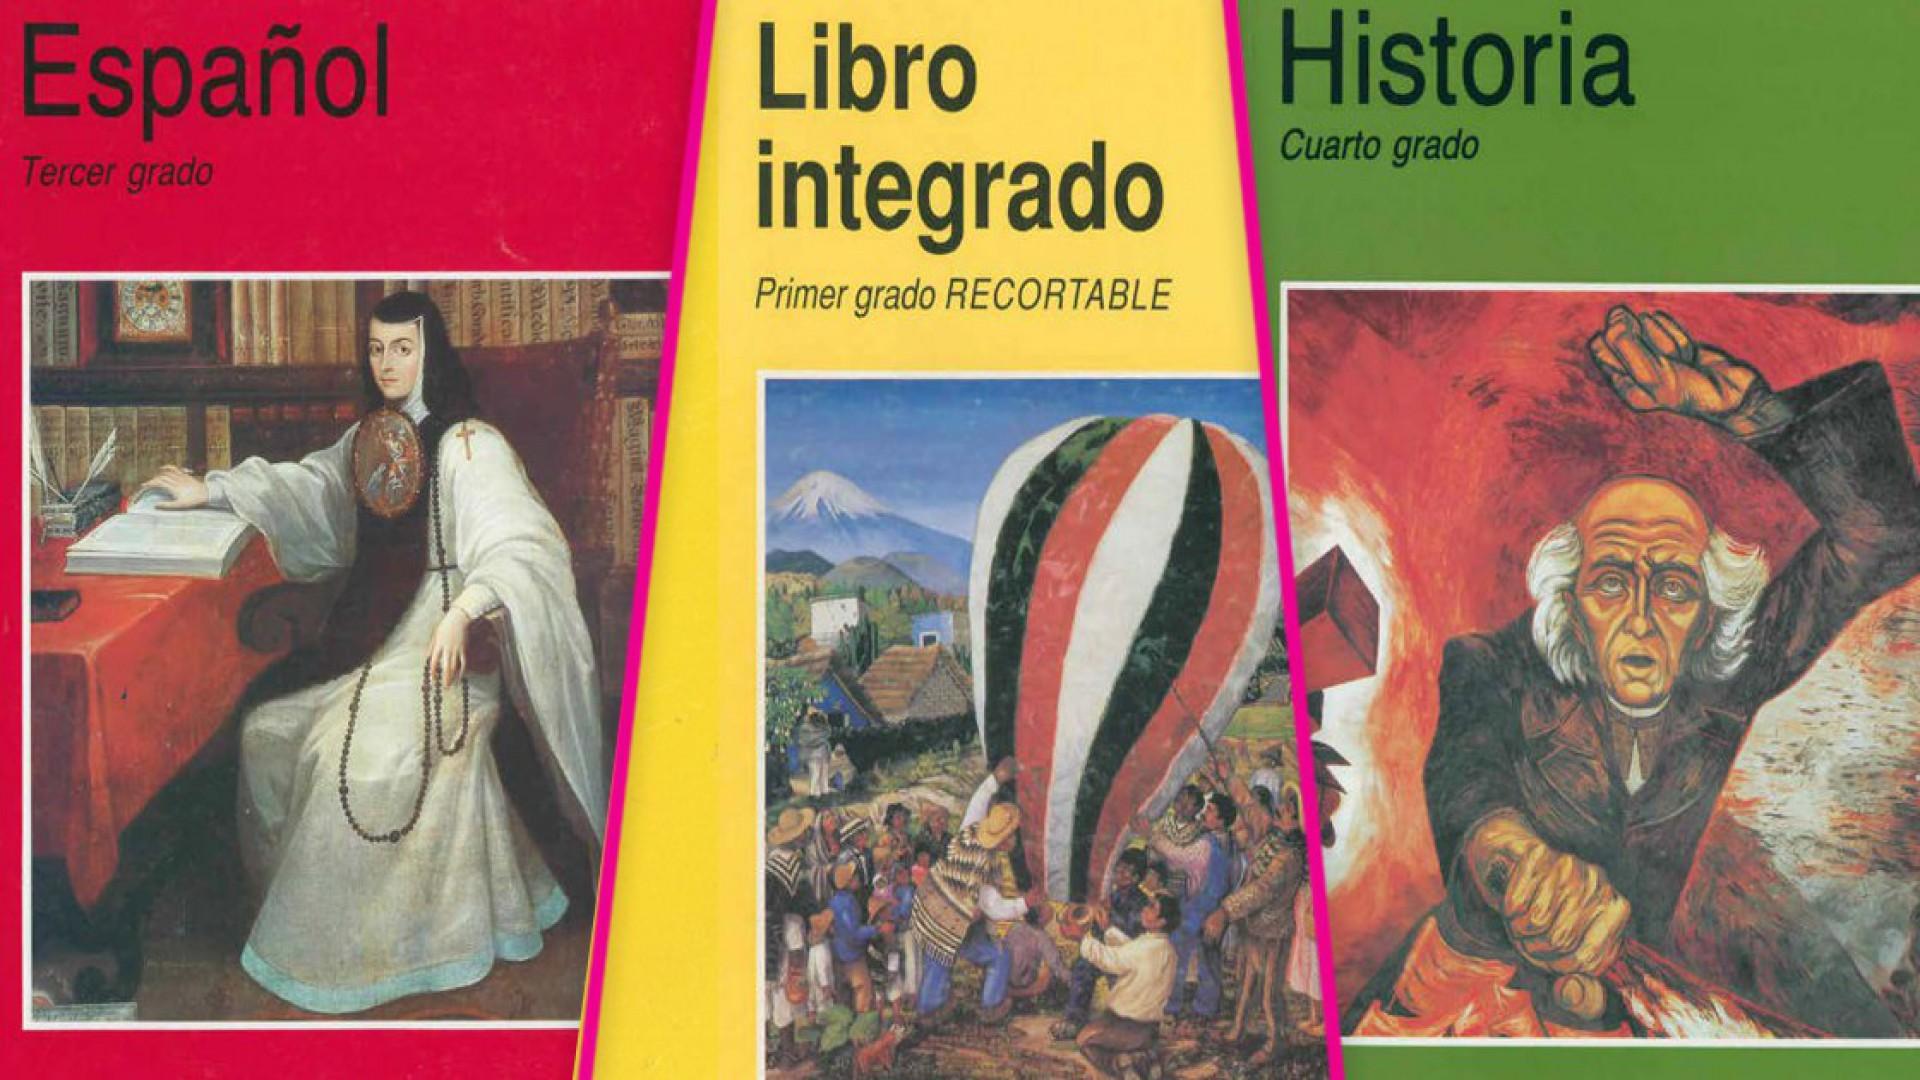 Las últimas entregas de libros ha estado envueltas en la polémica por los errores que incluyen (Foto: SEP)